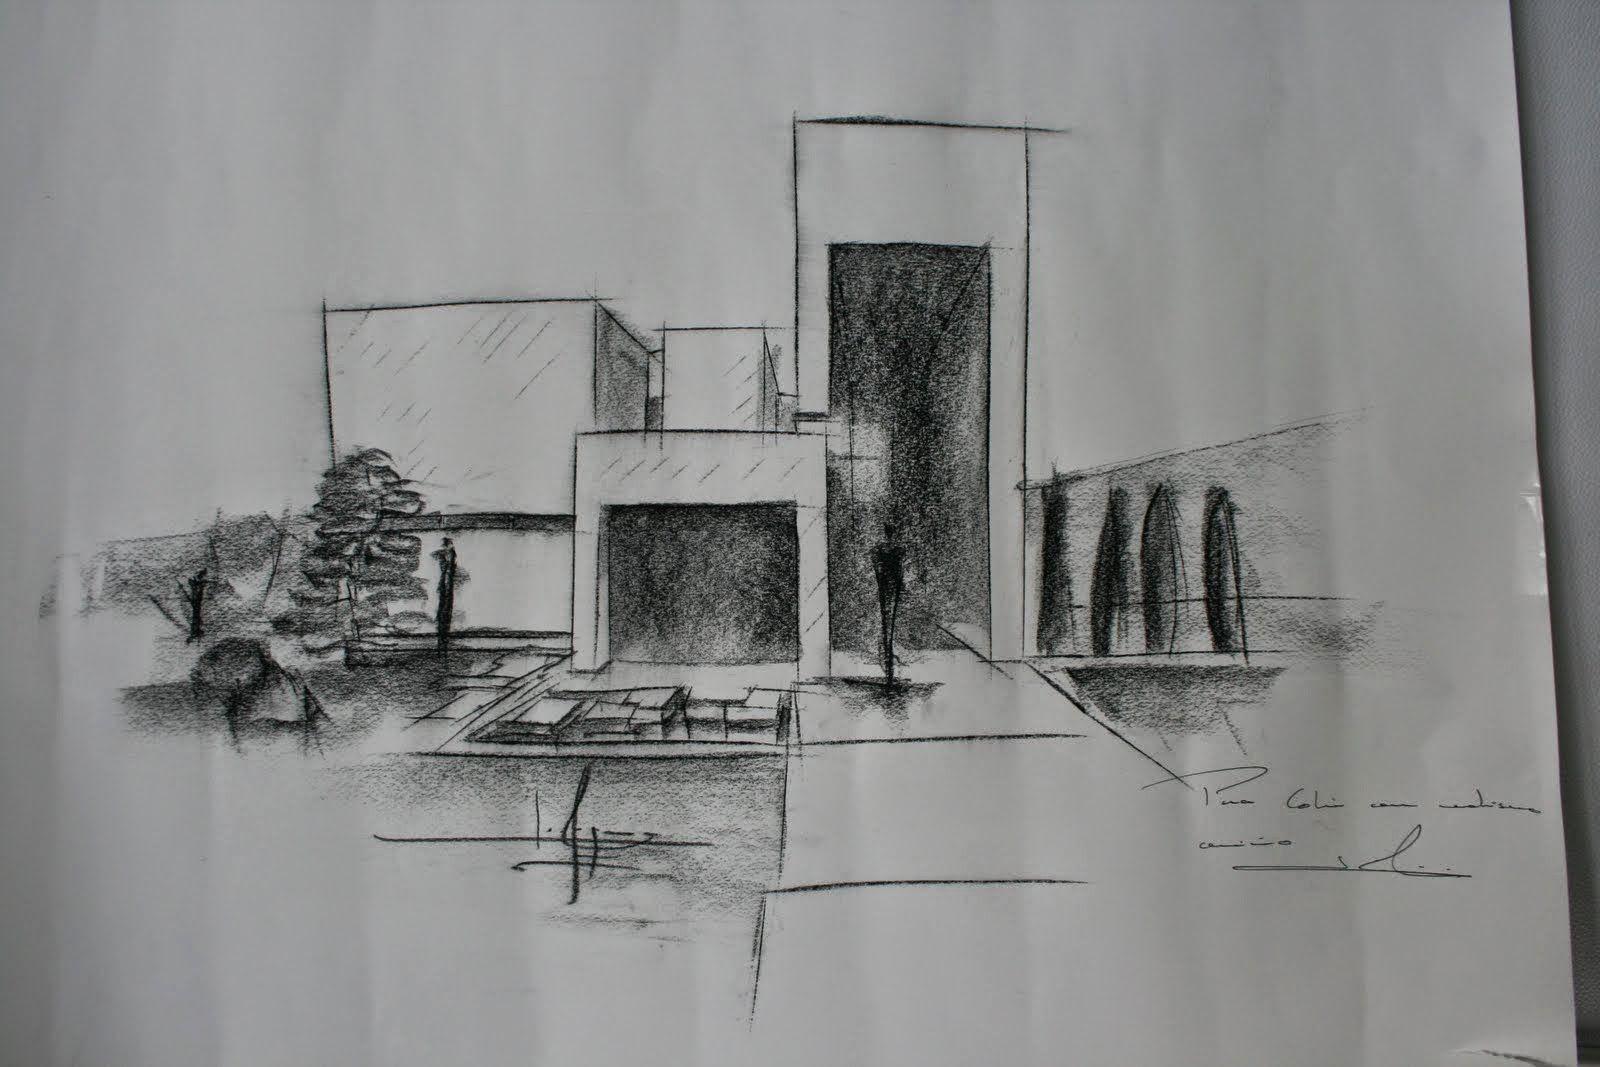 REVISTA DIGITAL APUNTES DE ARQUITECTURA: Bocetos a mano alzada, plazas y  calles de la Ciudad | Dibujo de arquitectura, Bocetos arquitectura, Diseño  arquitectonico